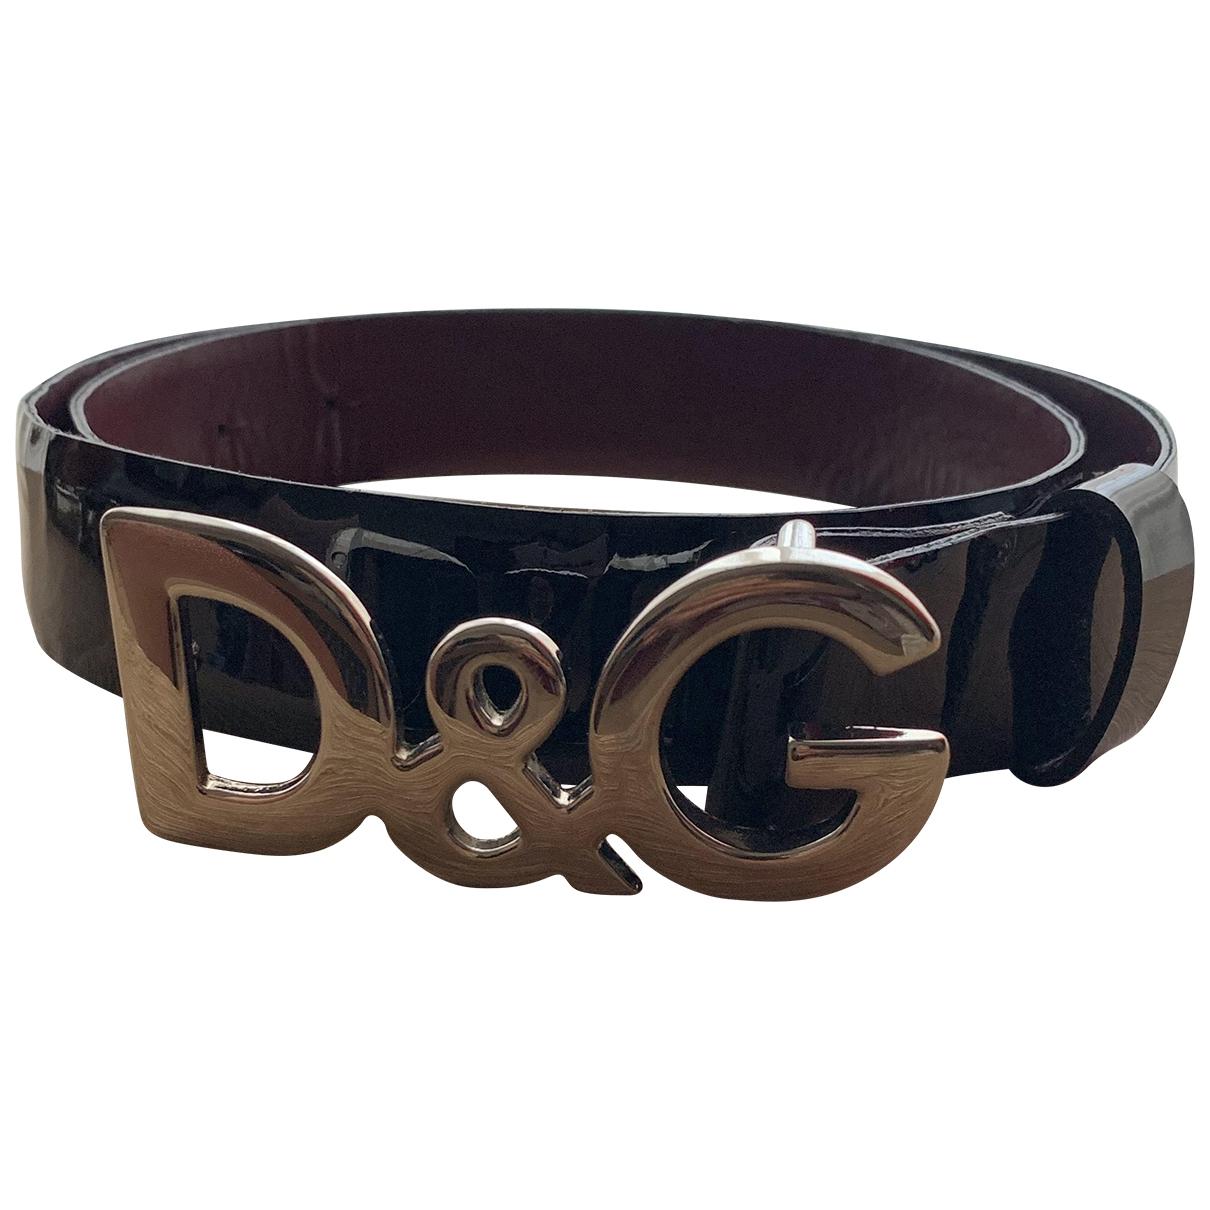 D&g \N Black belt for Women M International